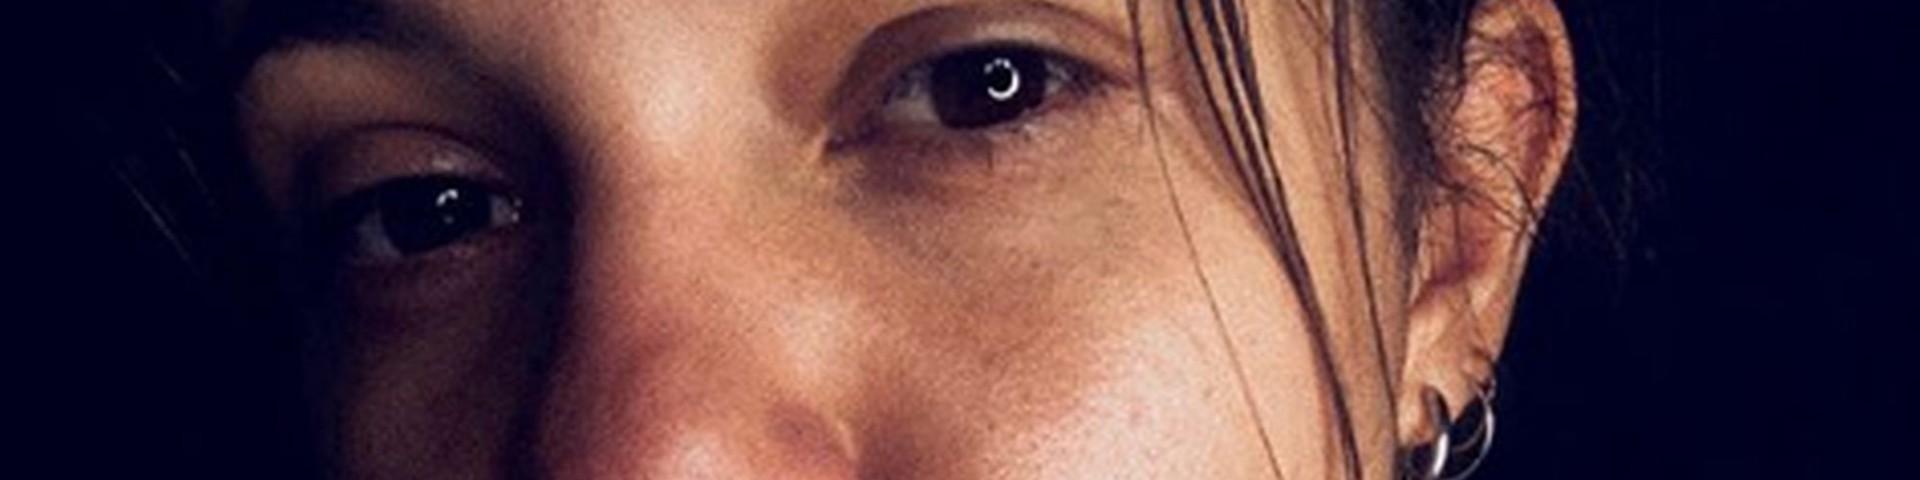 """Martina Beltrami: """"Il mio rapporto con i fan è speciale, sono parte di me"""""""